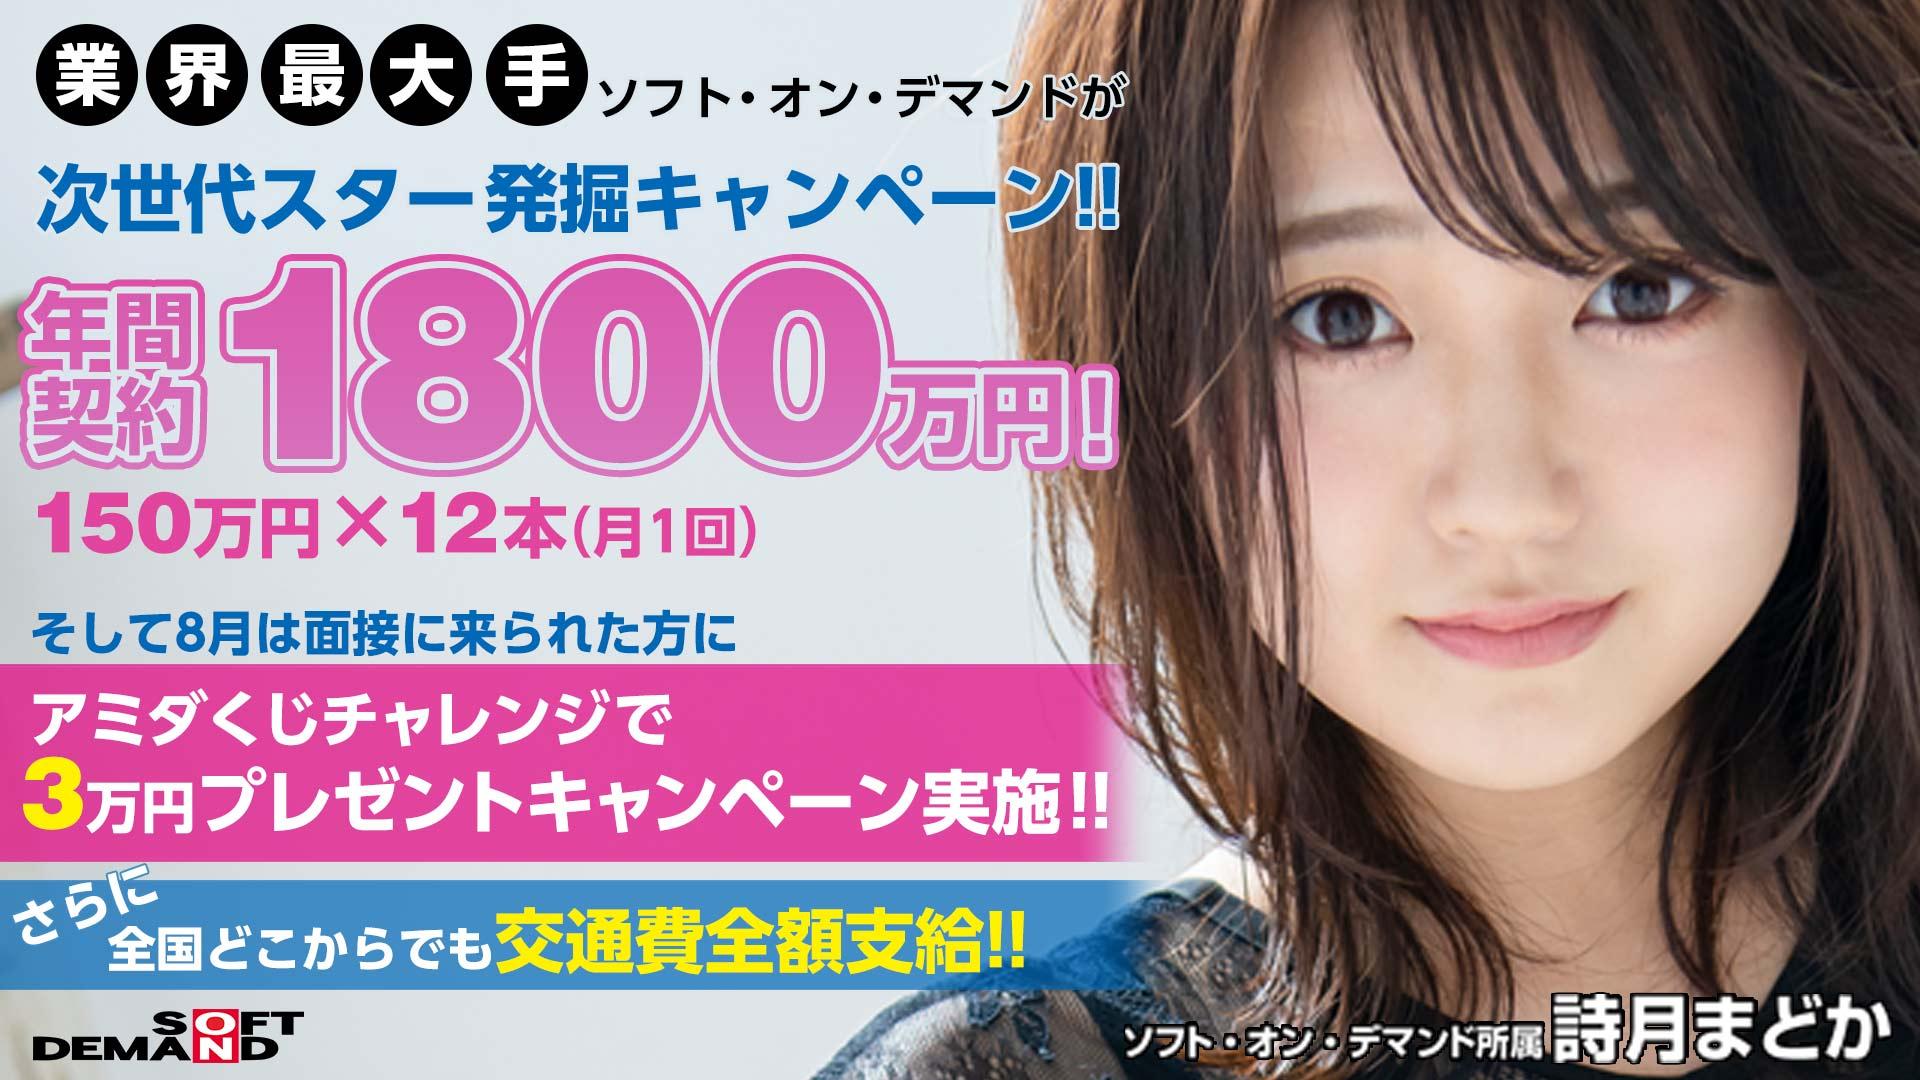 ソフト・オン・デマンド (株)の求人画像